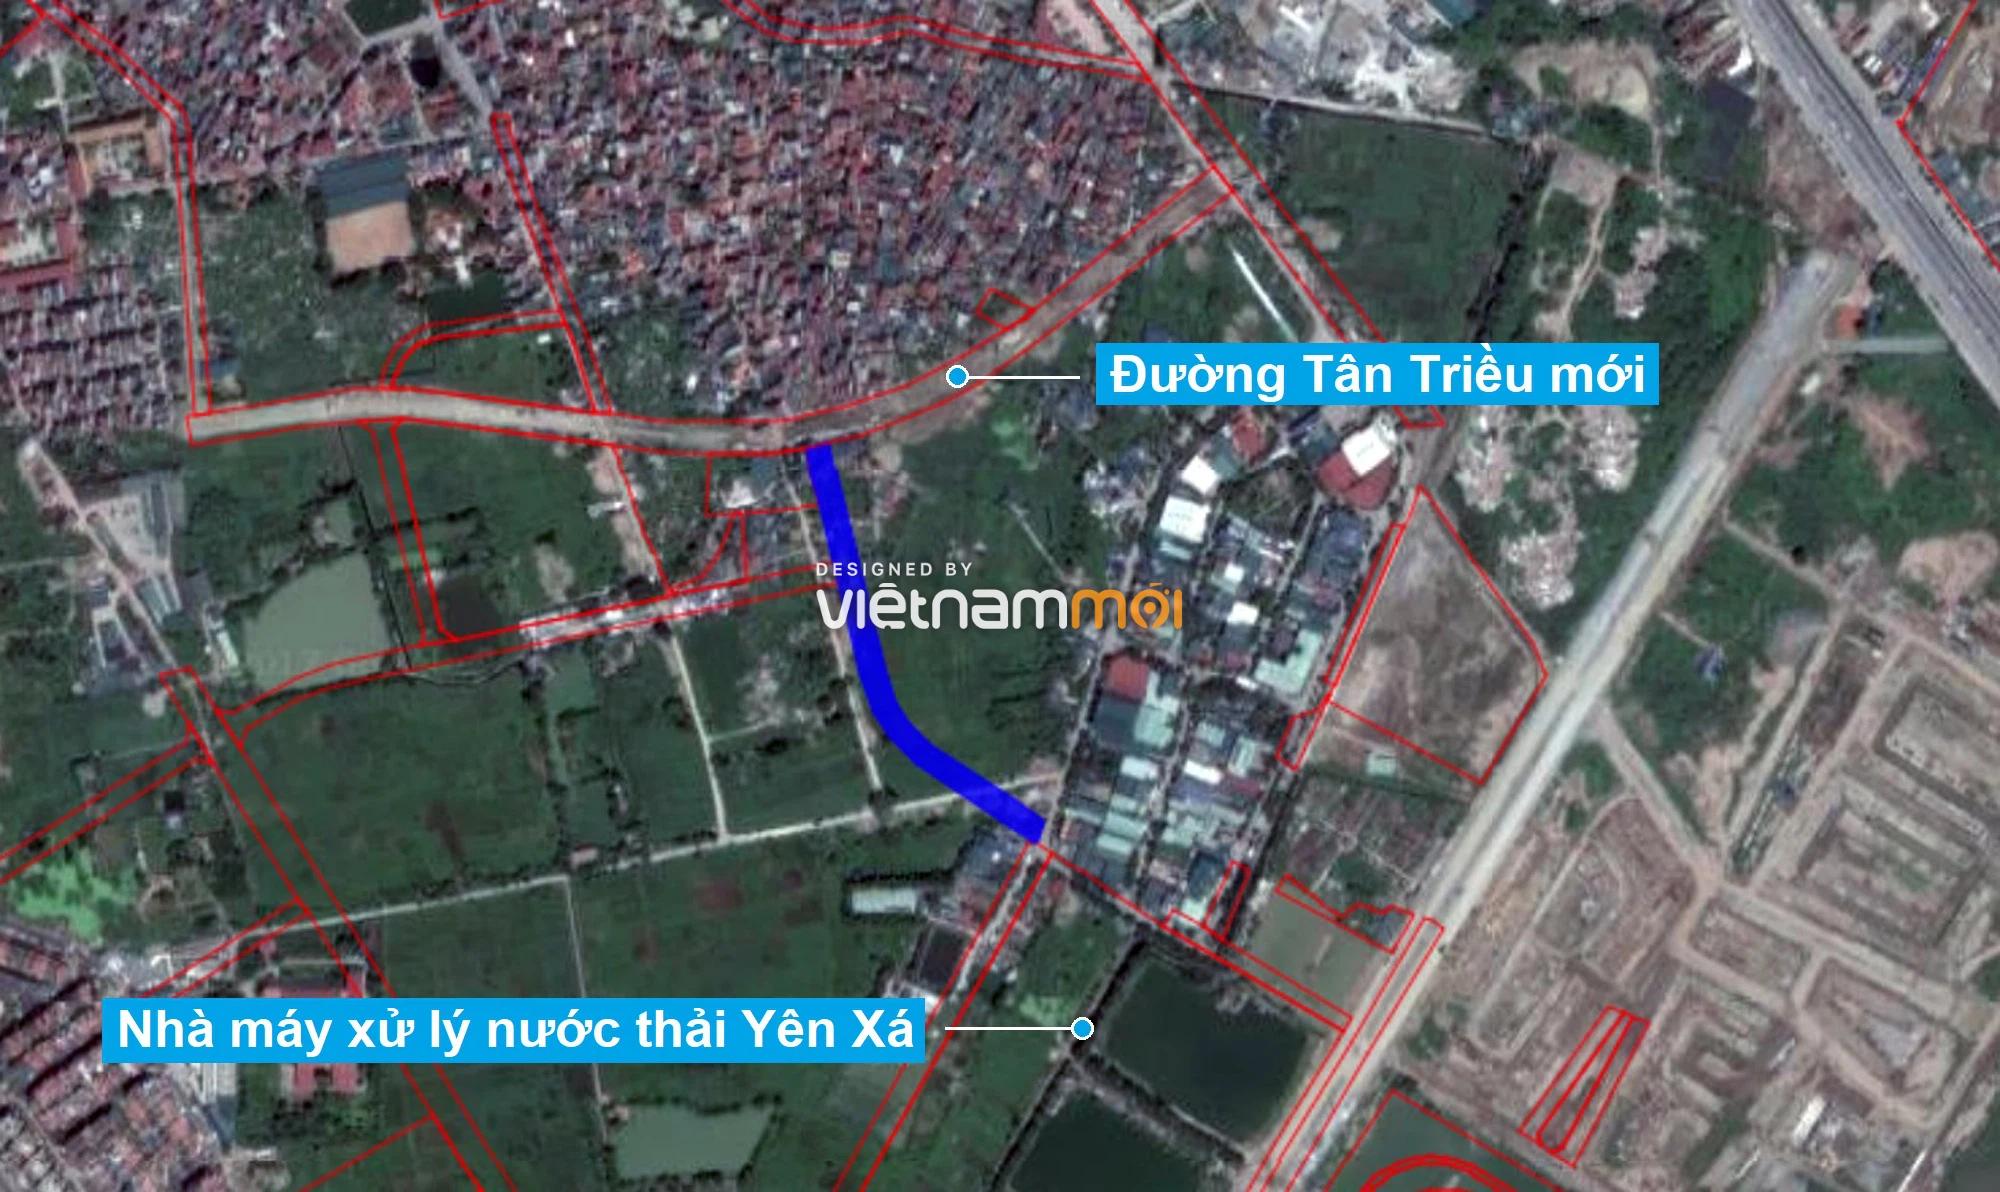 Những khu đất sắp thu hồi để mở đường ở xã Tân Triều, Thanh Trì, Hà Nội (phần 4) - Ảnh 2.